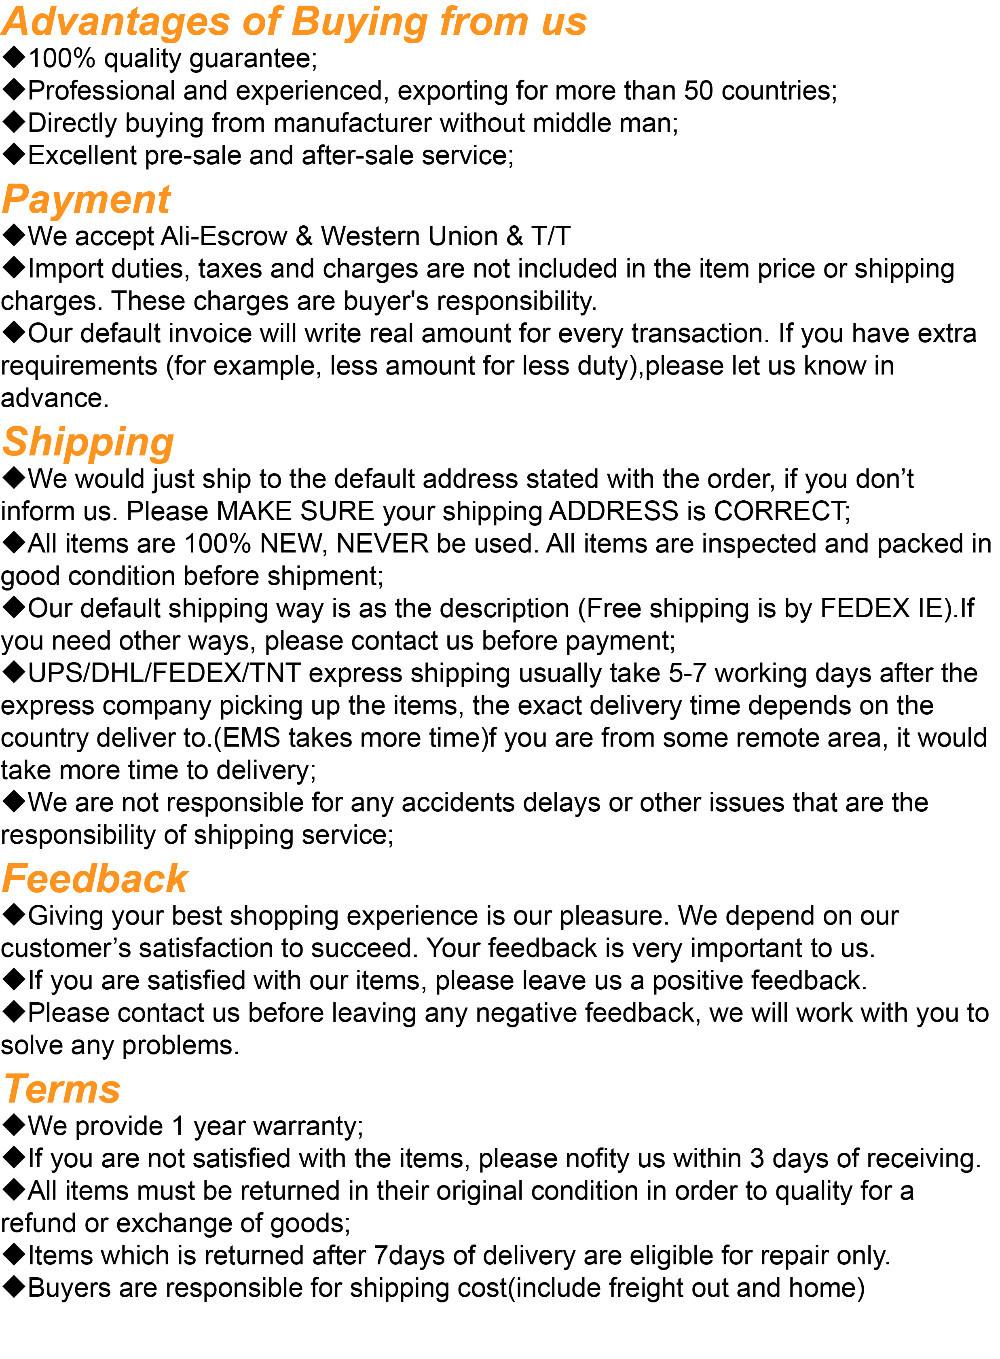 Купить Портативный мини Билл Наличных Handy Деньги Счетчик для большинства Валют Примечание Счетная Машина ЕС-V40 Финансовые Оборудование Оптовая